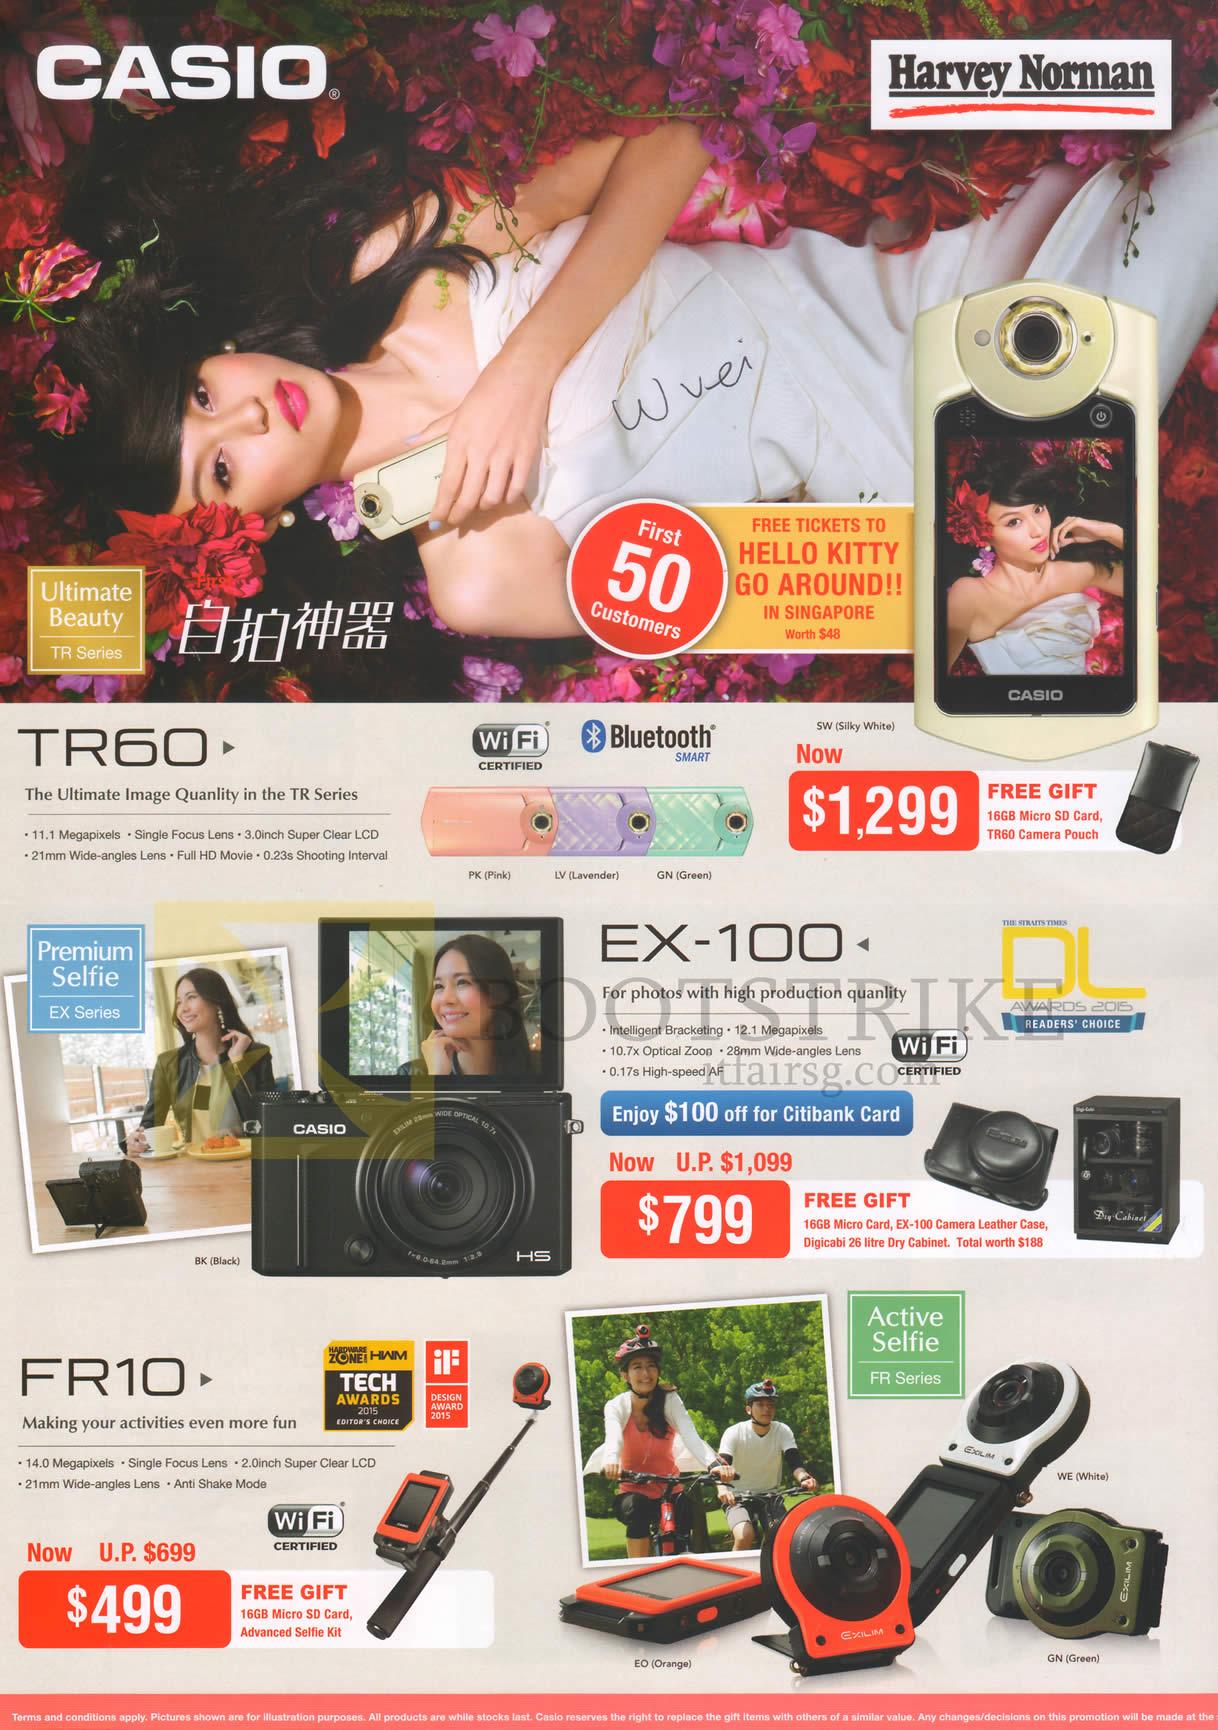 Casio Digital Cameras TR60, EX-100, FR10